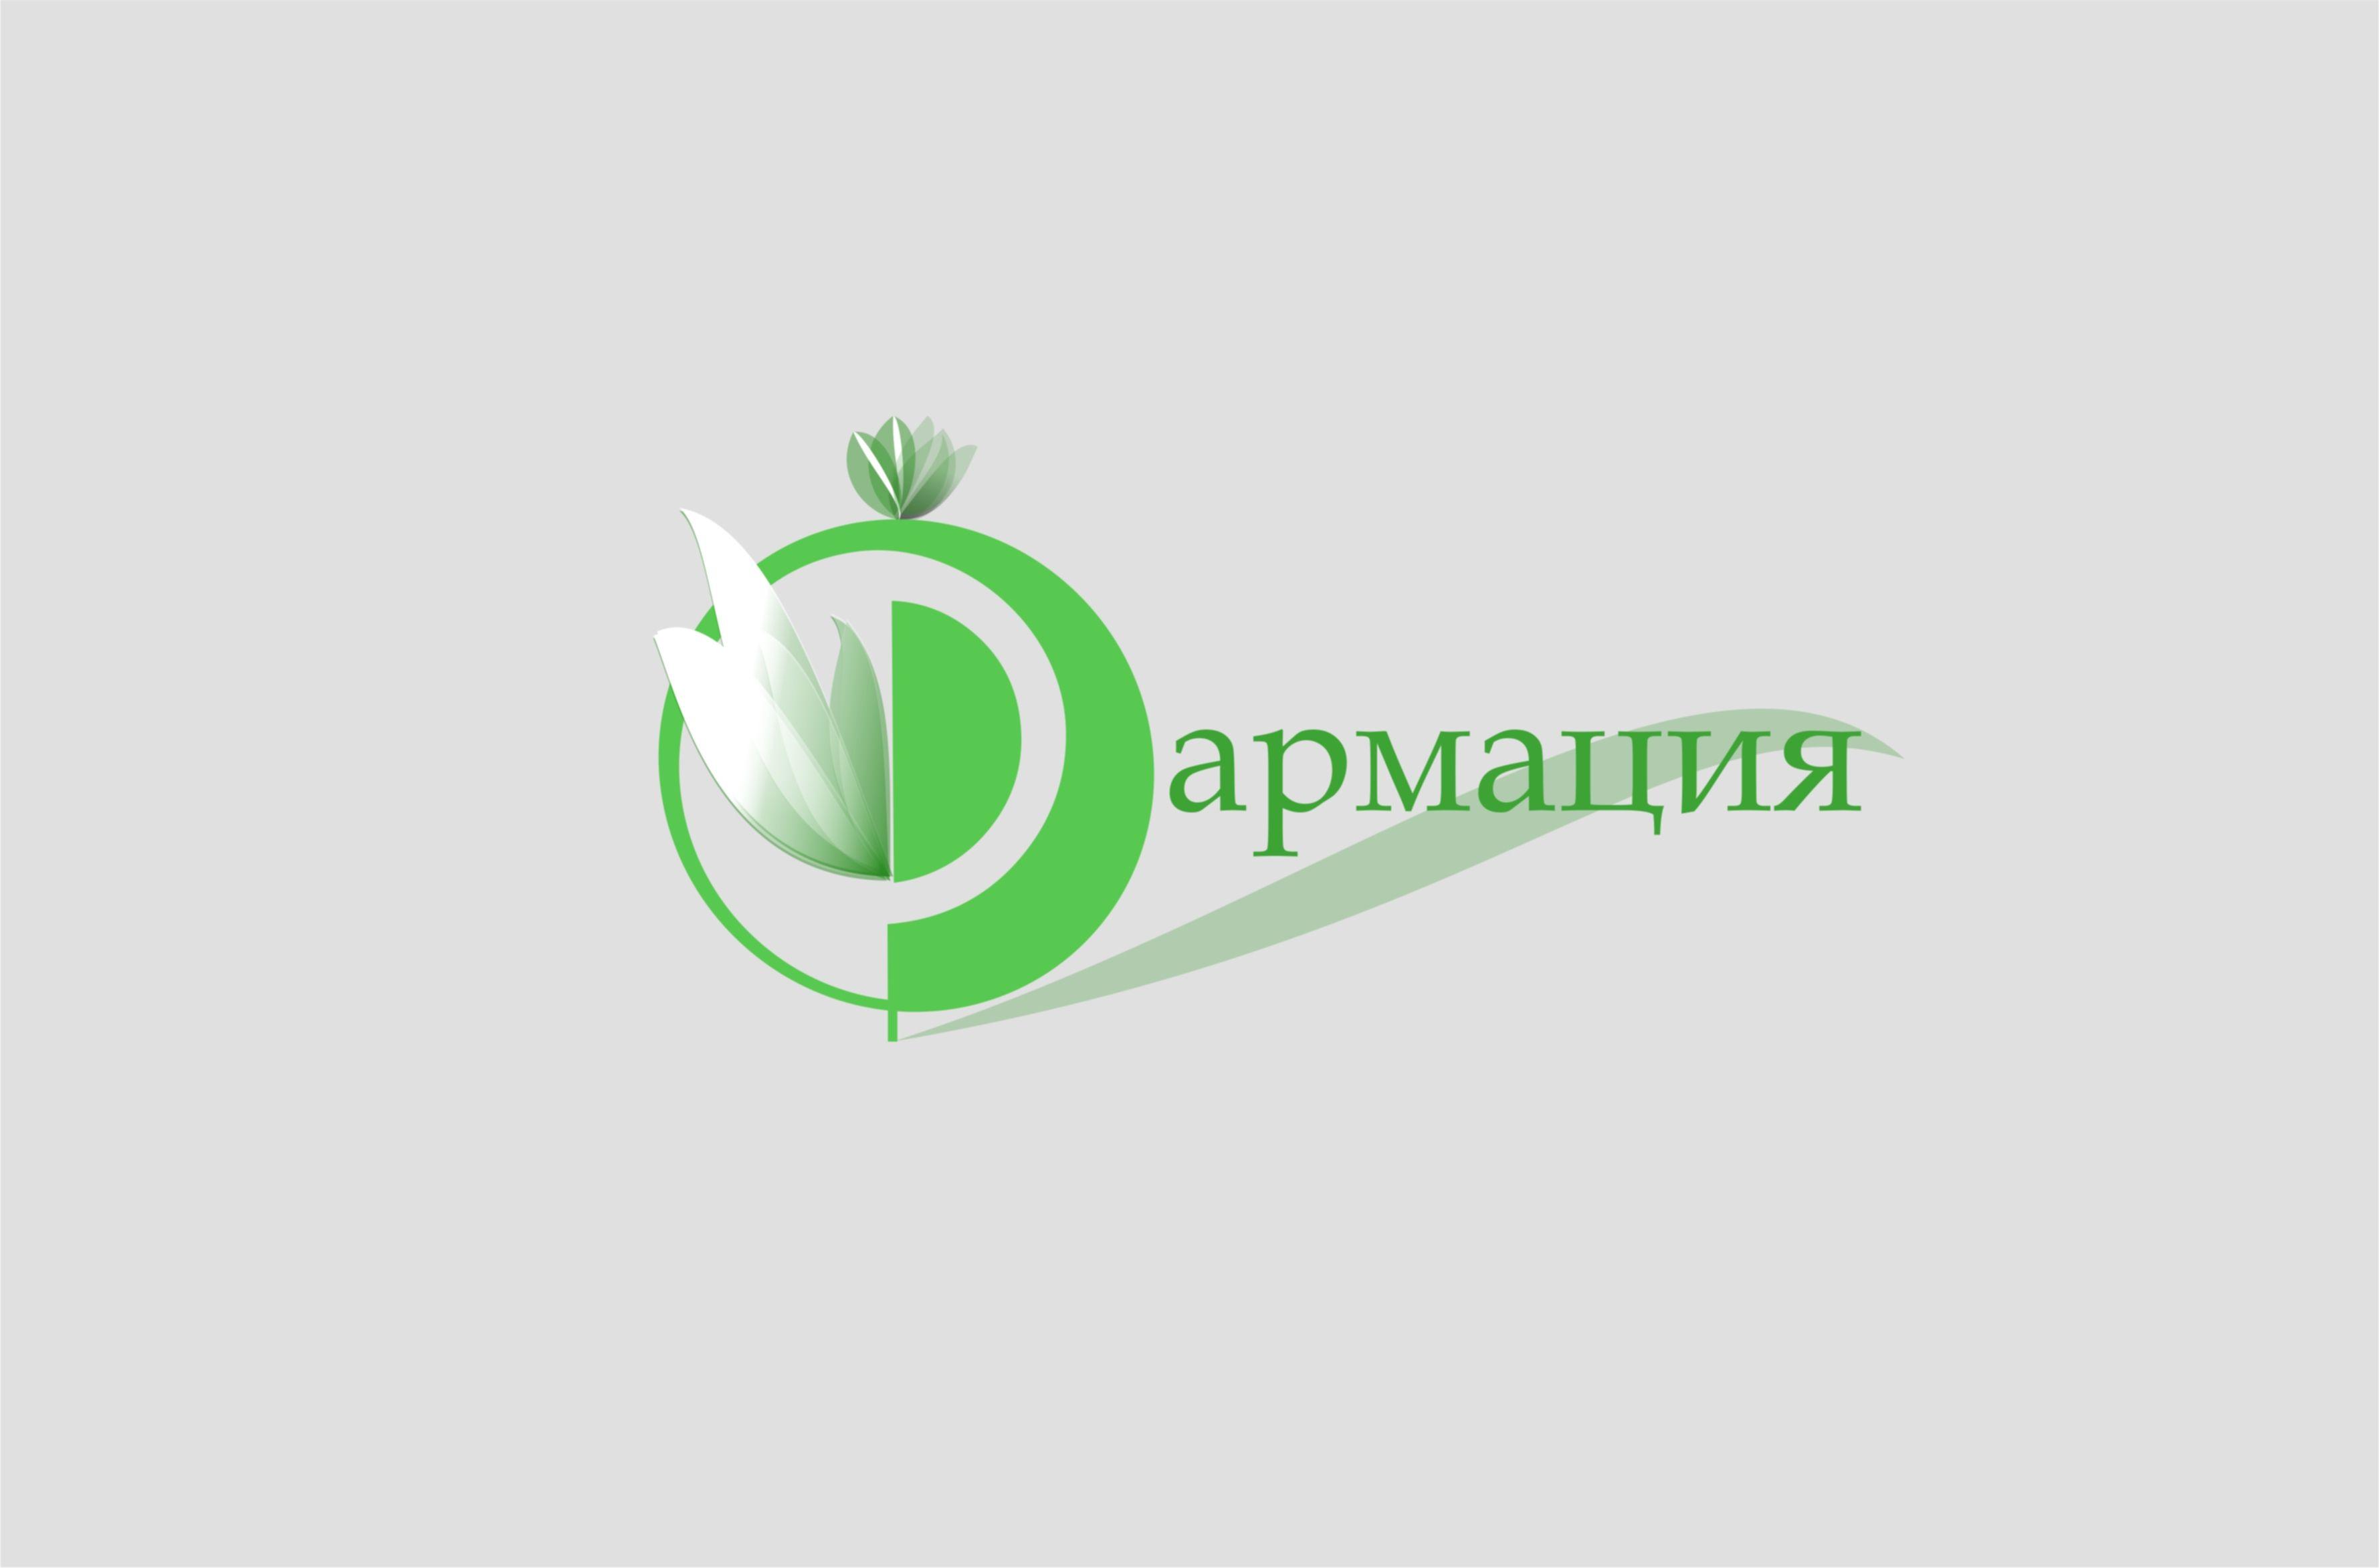 Логотип для государственной аптеки - дизайнер give_5